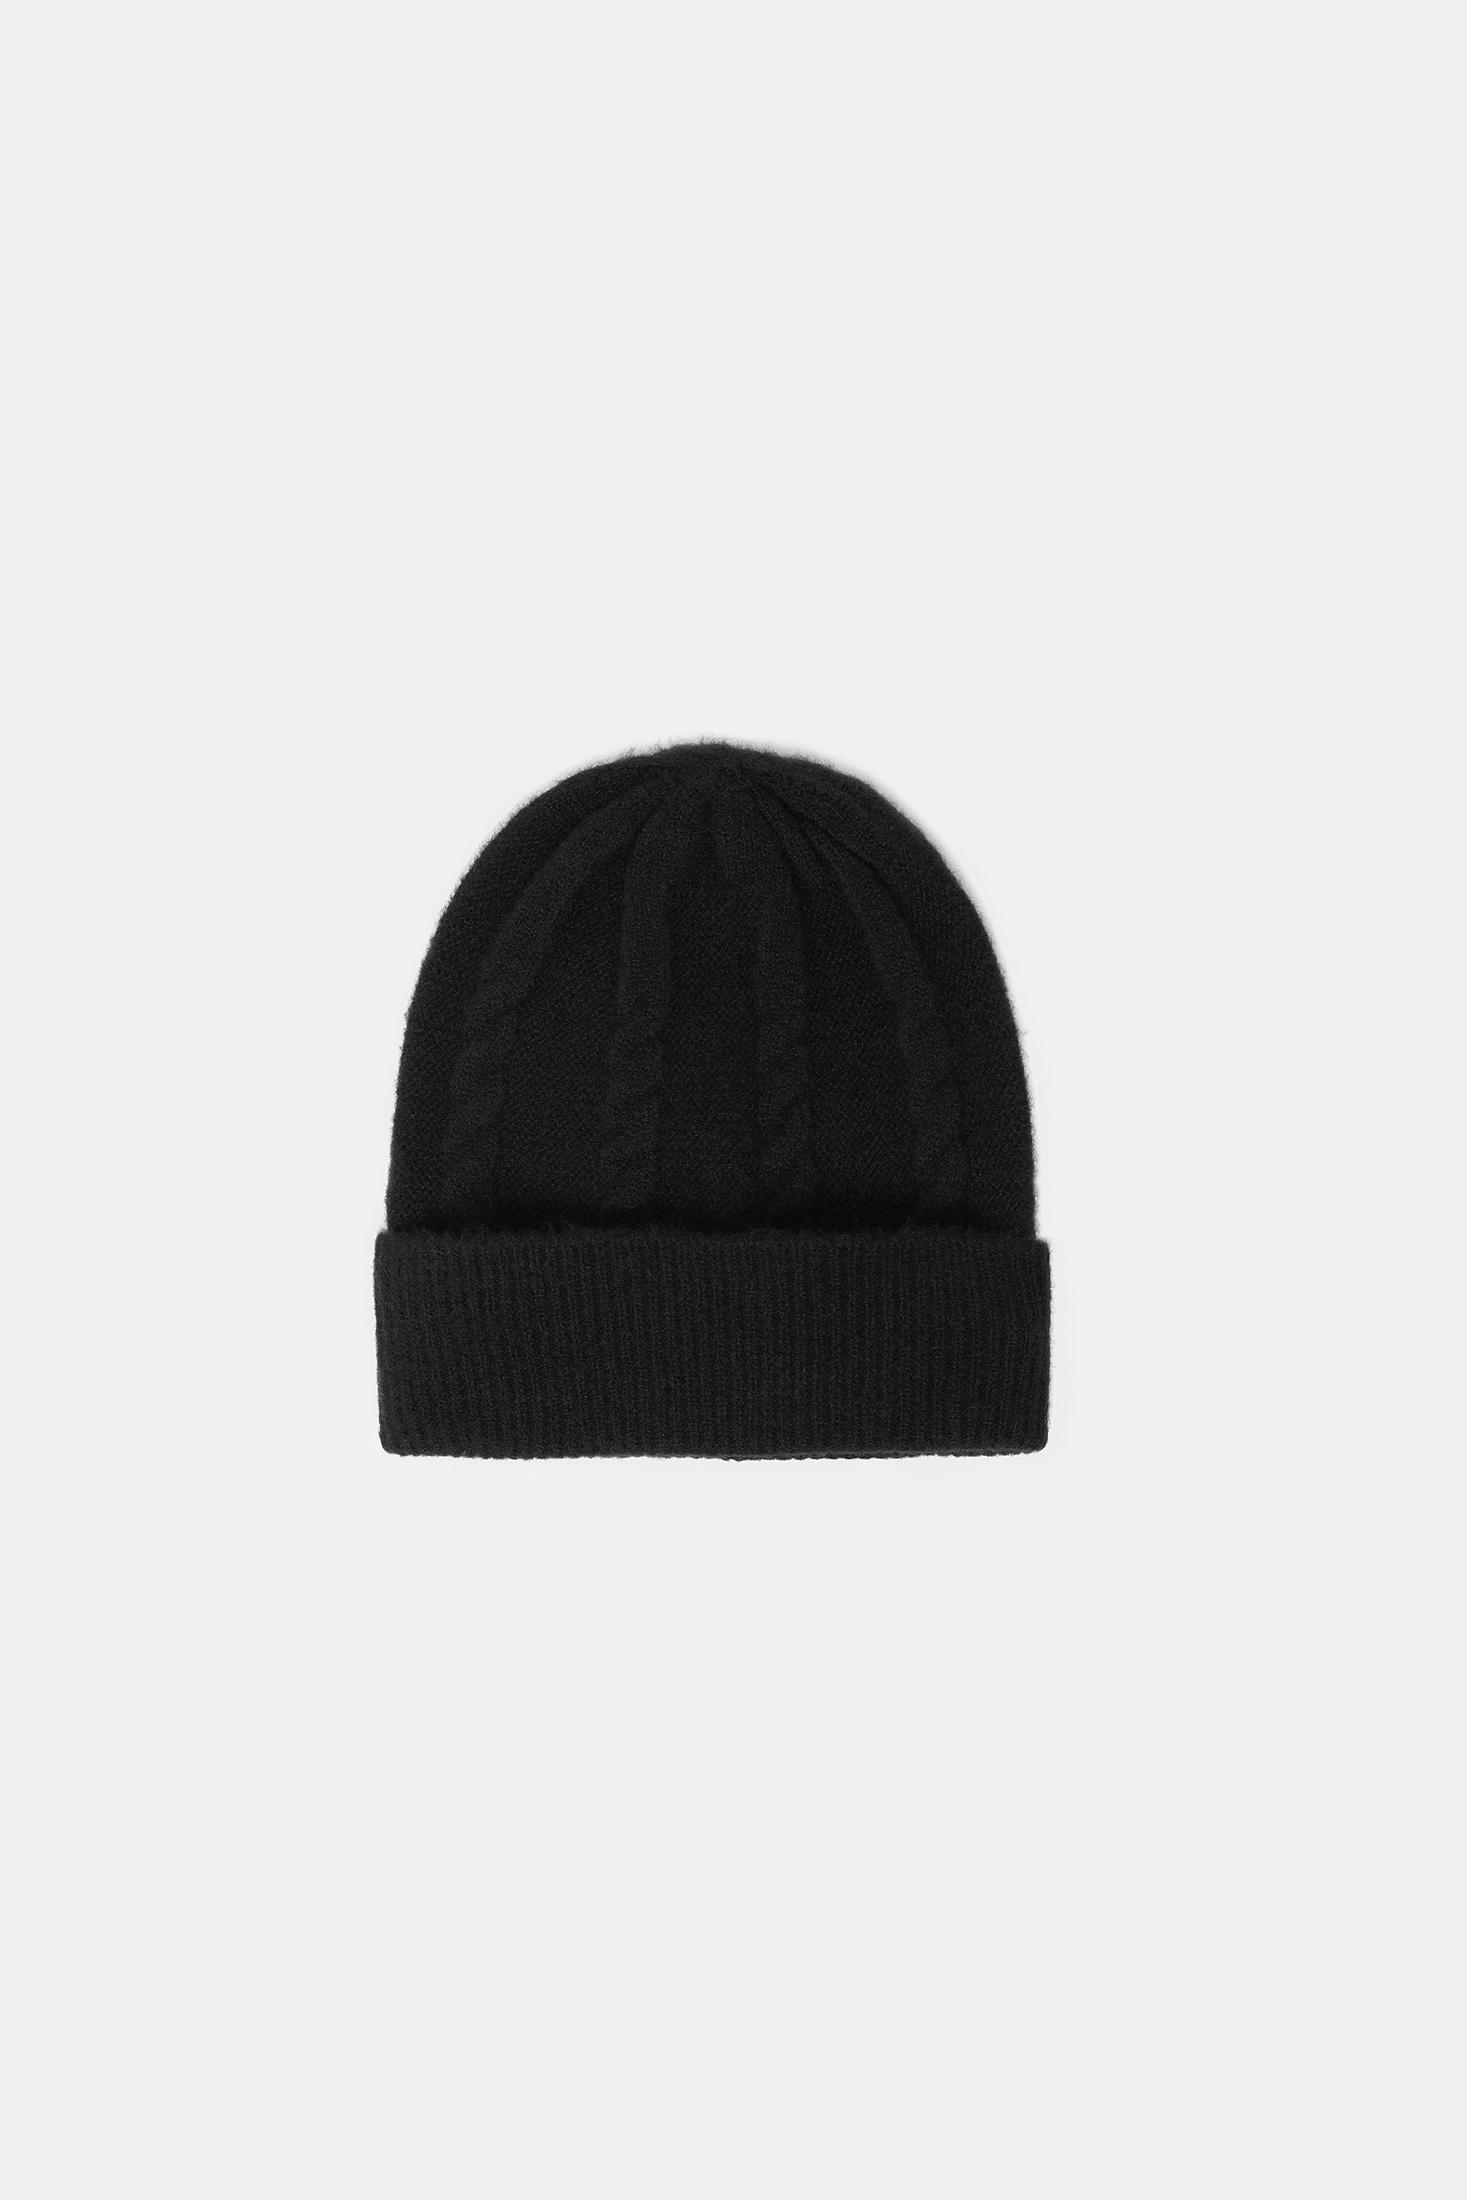 czapka damska dzianinowa MOKI